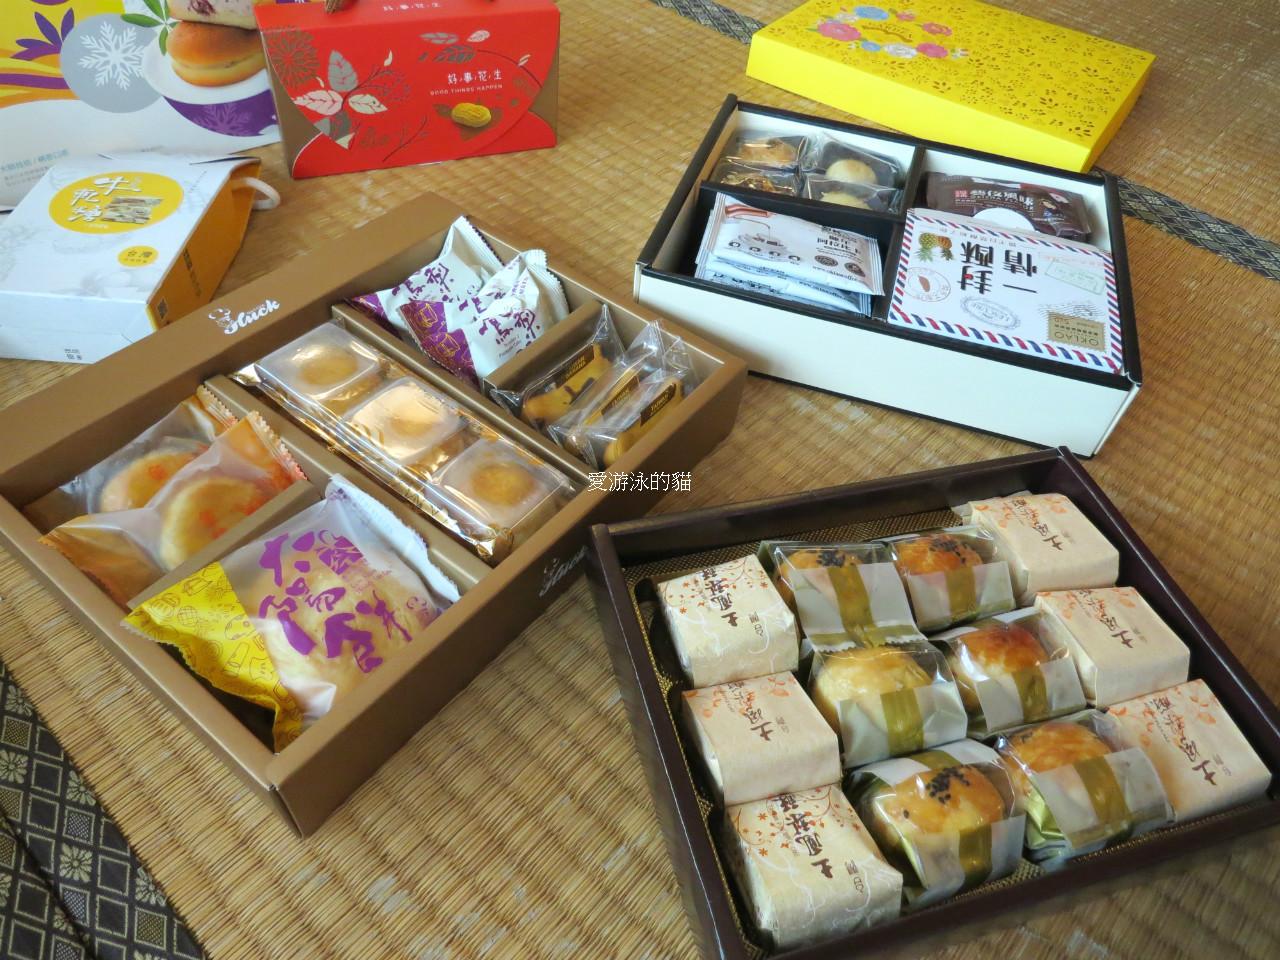 台中伴手禮-哈克大師中秋節禮盒,紫薯燒,一口鳳梨酥,好事花生,牛軋糖